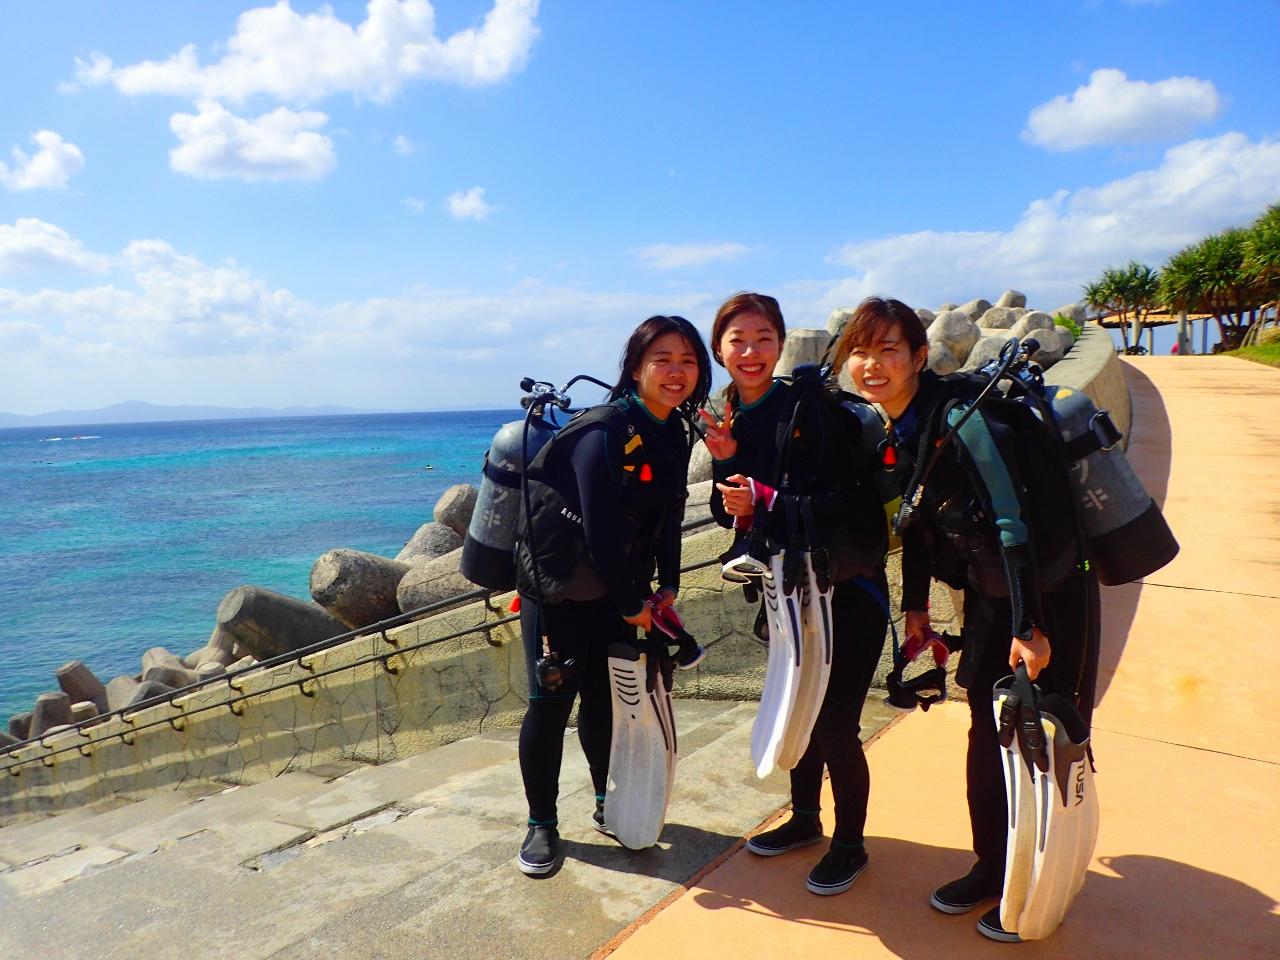 ゴリラチョップ🦍【沖縄のマリンスポーツ専門店☆水納島マーメイド】